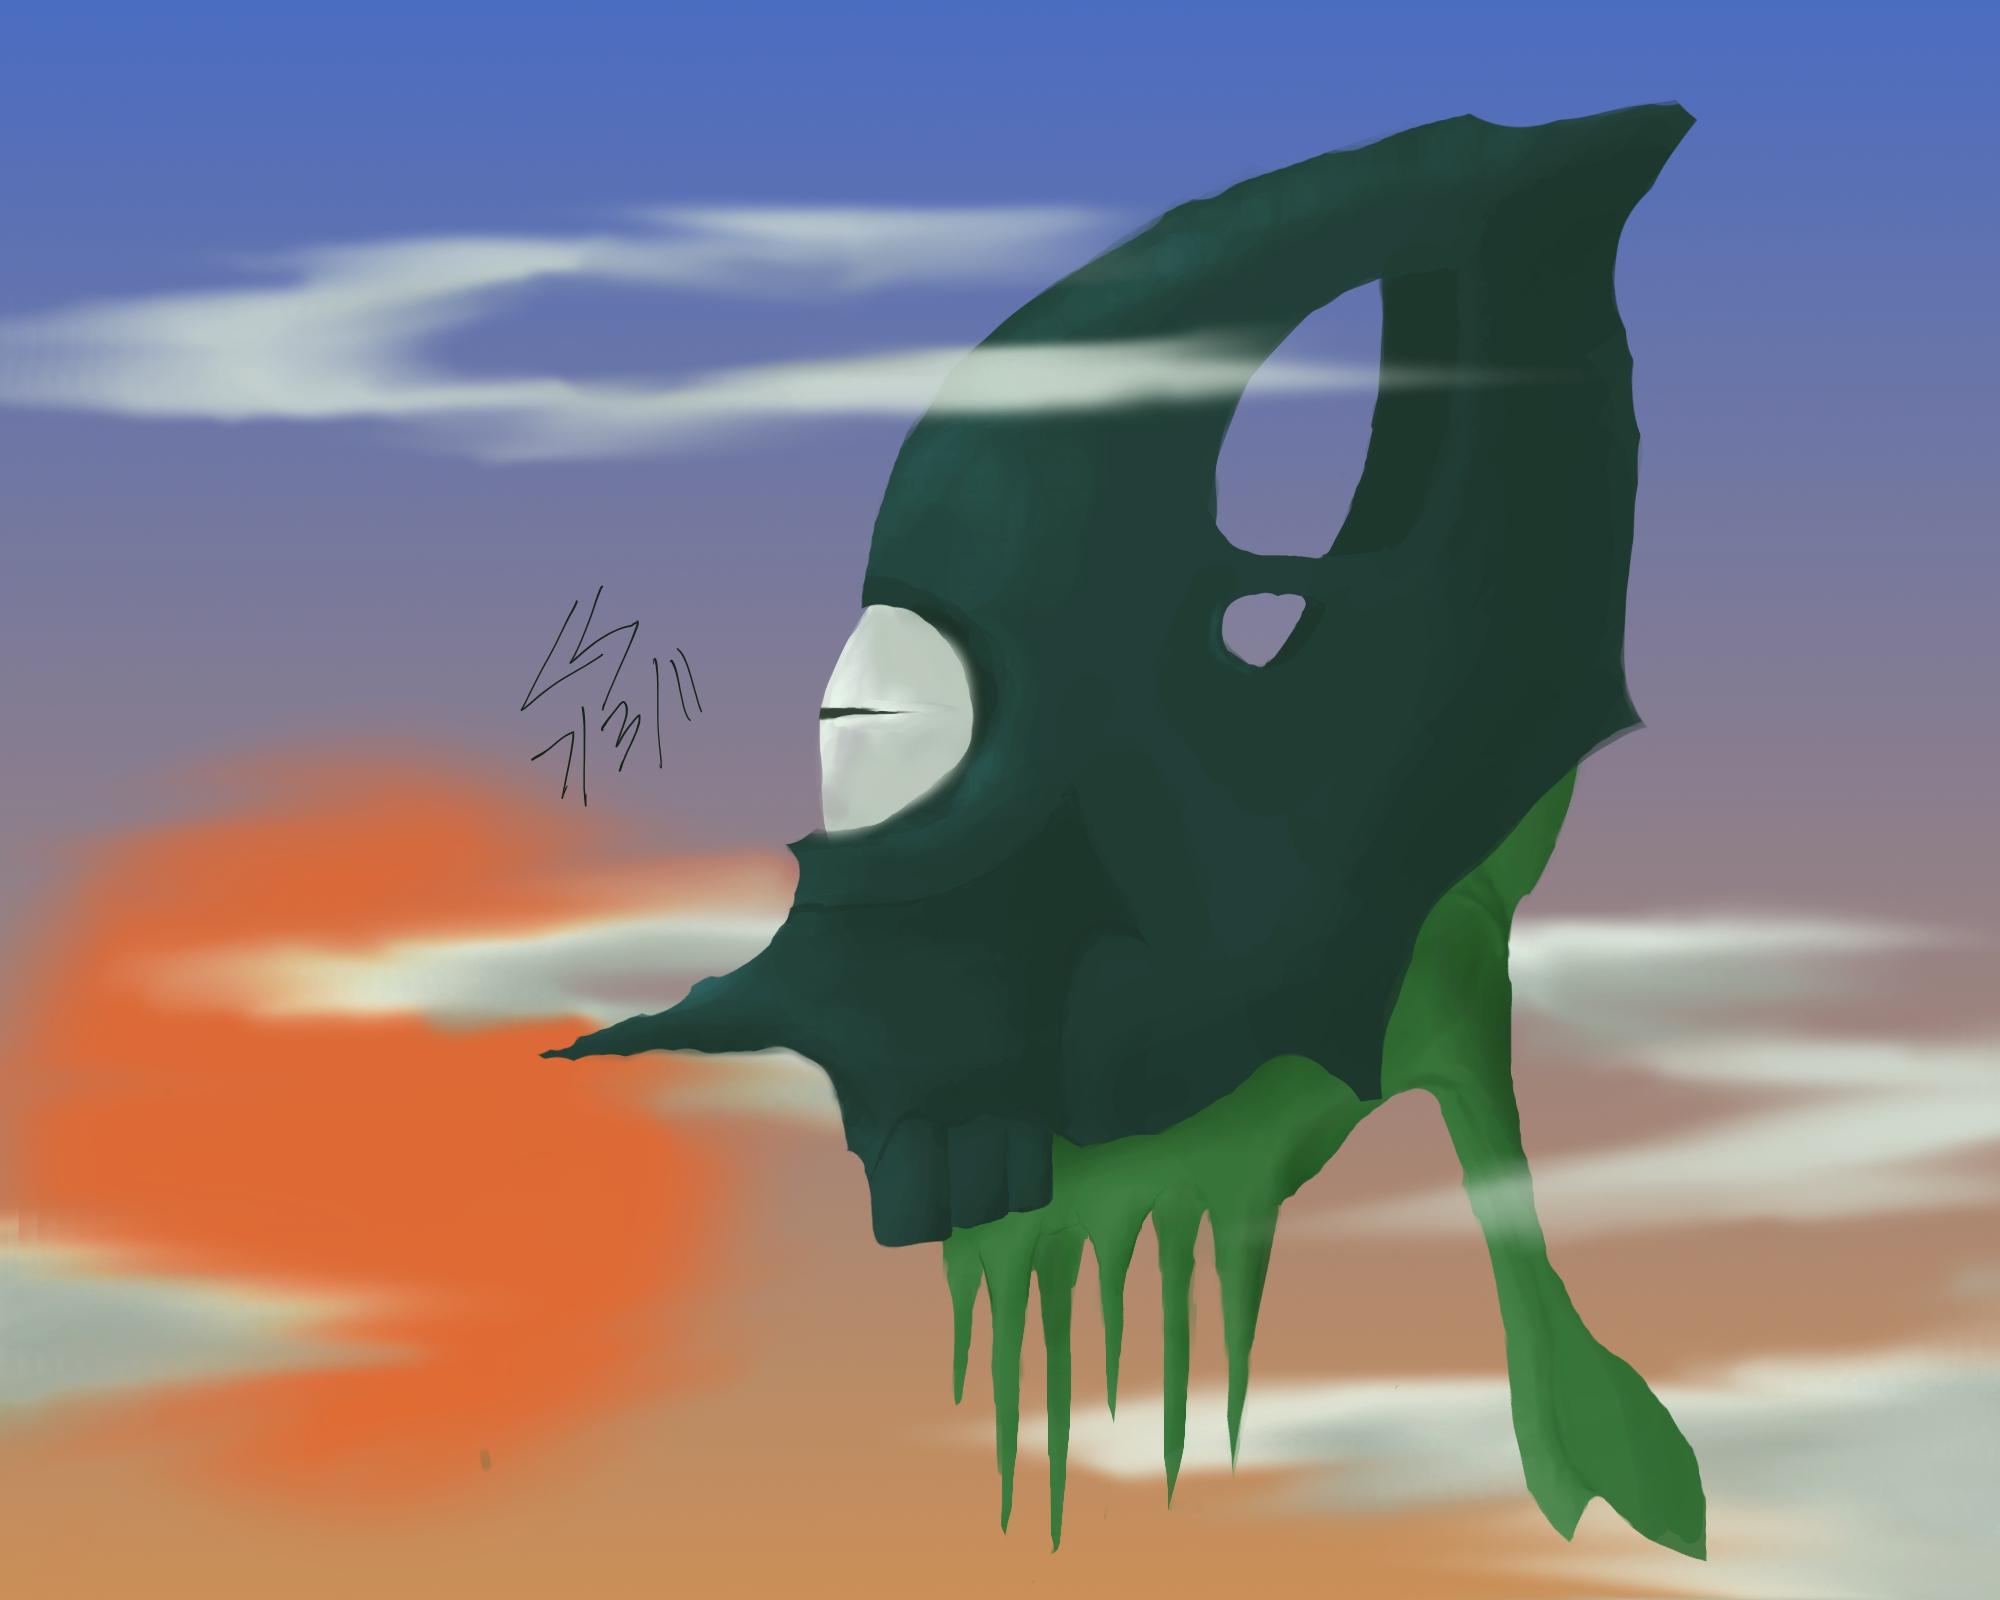 Flying Alien Squid